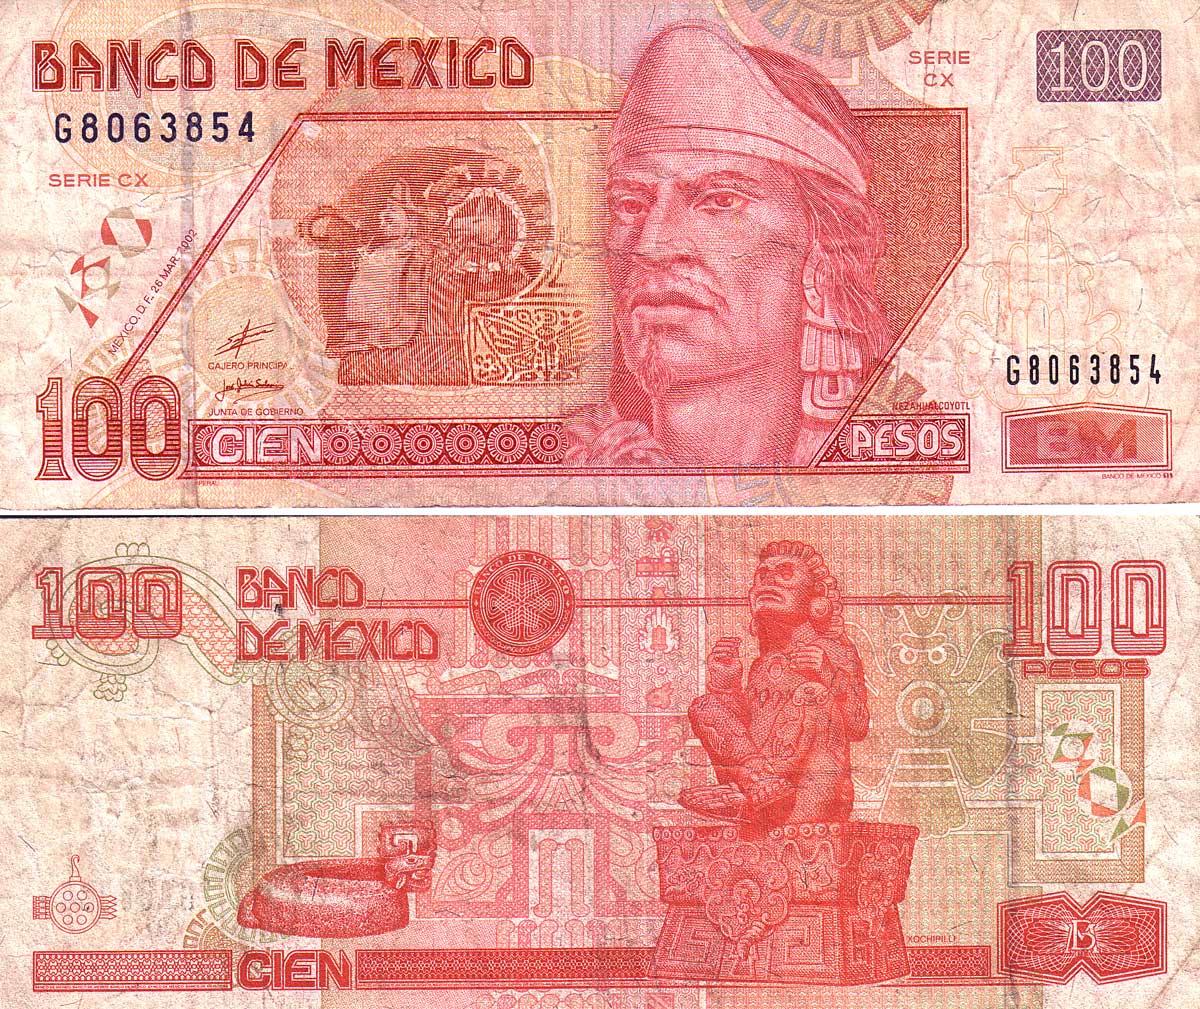 Precio del Peso Colombiano en Mexico. Valor Peso Colombiano. Conversor de Pesos Colombianos a Pesos Mexicanos. Aquí encontrara el cambio actualizado.